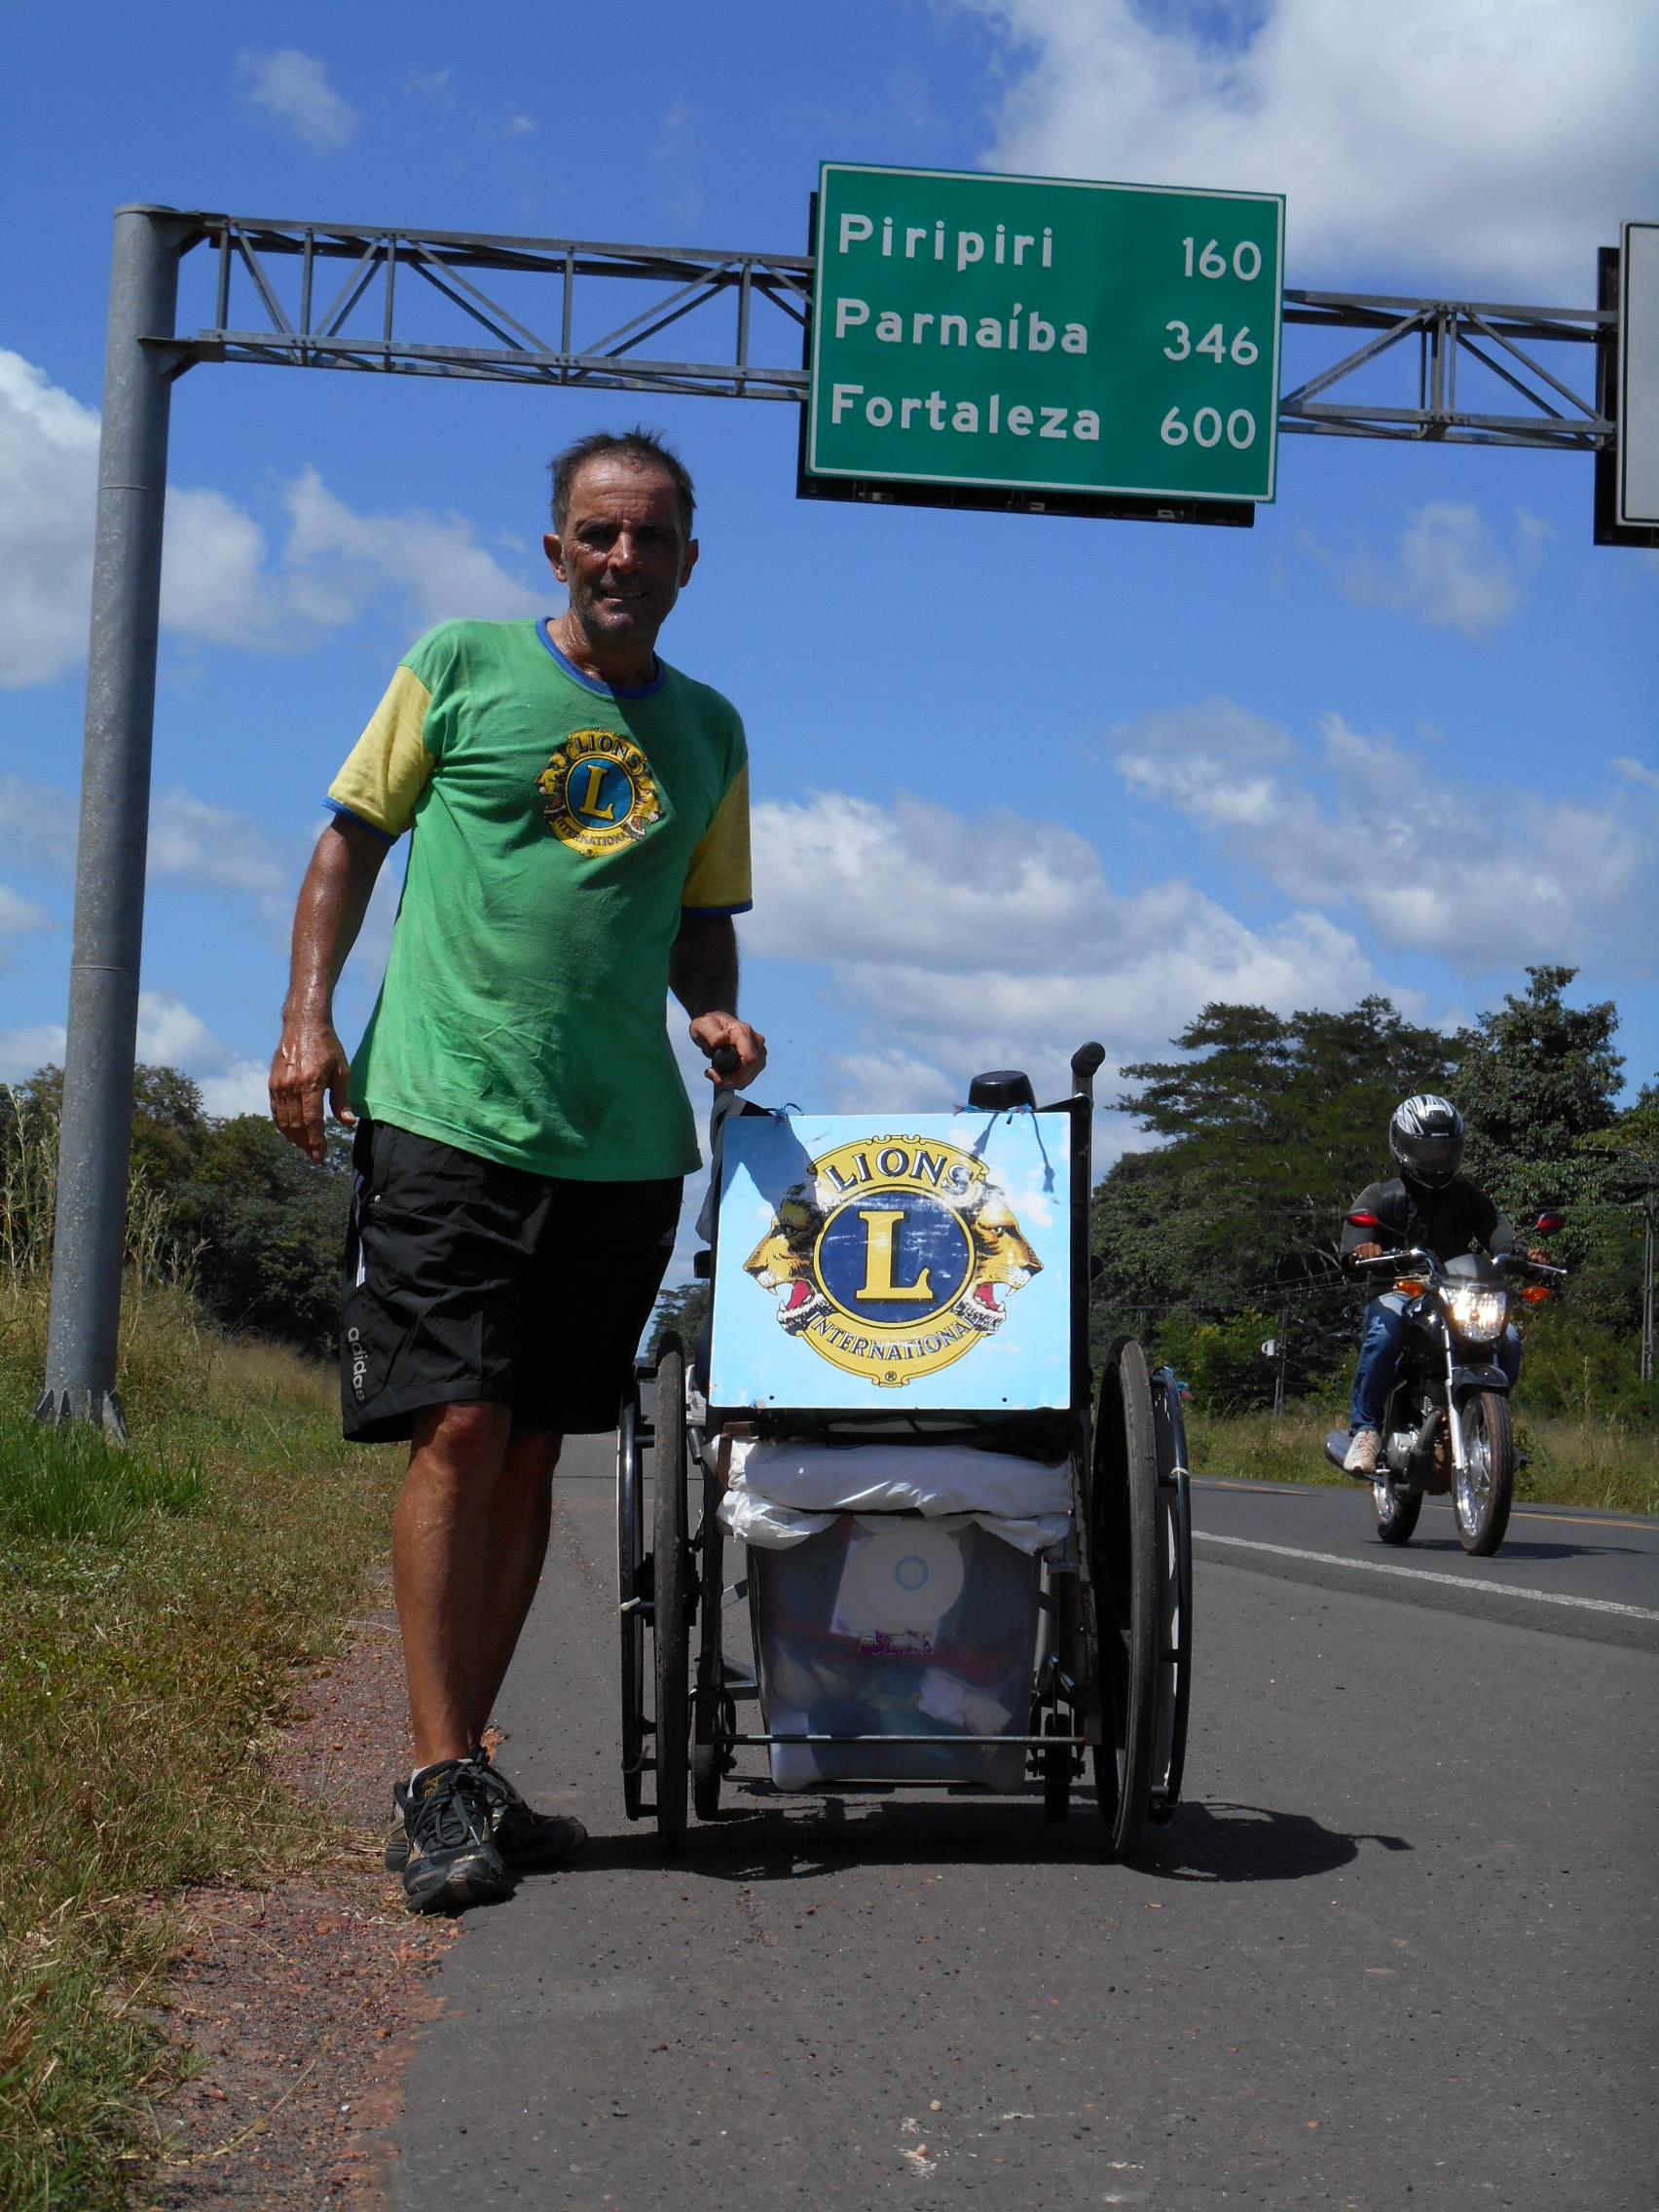 A caminhada atual teve início no dia 10 de fevereiro desse ano, às margens do Rio Ailã, primeiro rio brasileiro, na região Norte. Em quatro meses Zé do Pedal percorreu 2.800 quilômetros até chegar em Fortaleza (FOTO: DIVULGAÇÃO)/ZÉ DO PEDAL)